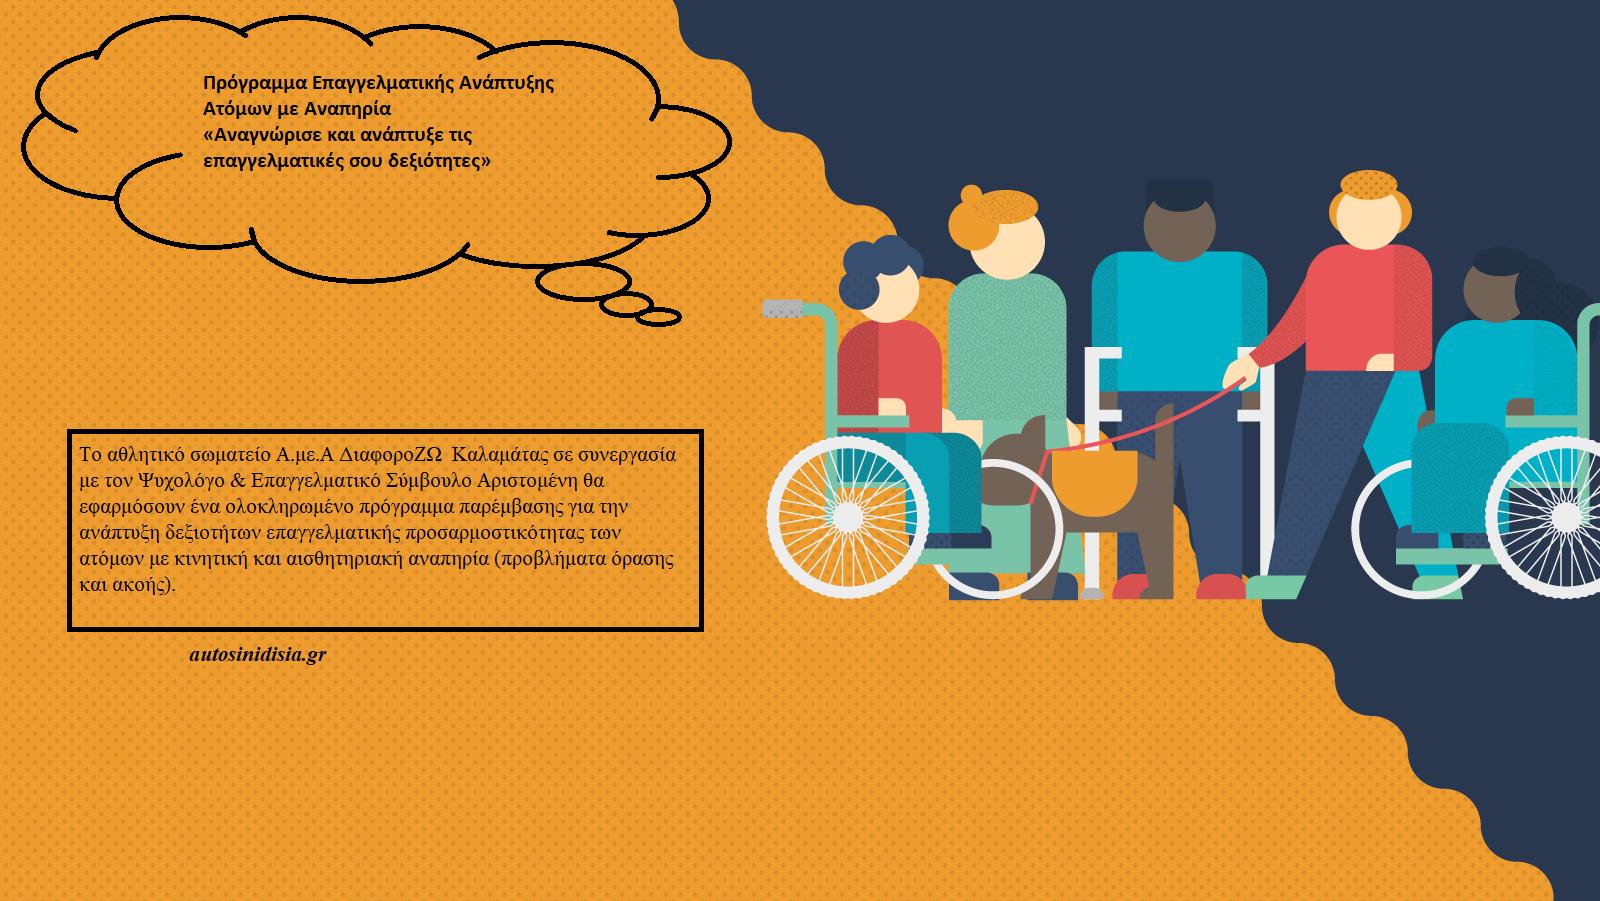 Πρόγραμμα Επαγγελματικής Ανάπτυξης Ατόμων με Αναπηρία «Αναγνώρισε και ανάπτυξε τις επαγγελματικές σου δεξιότητες».